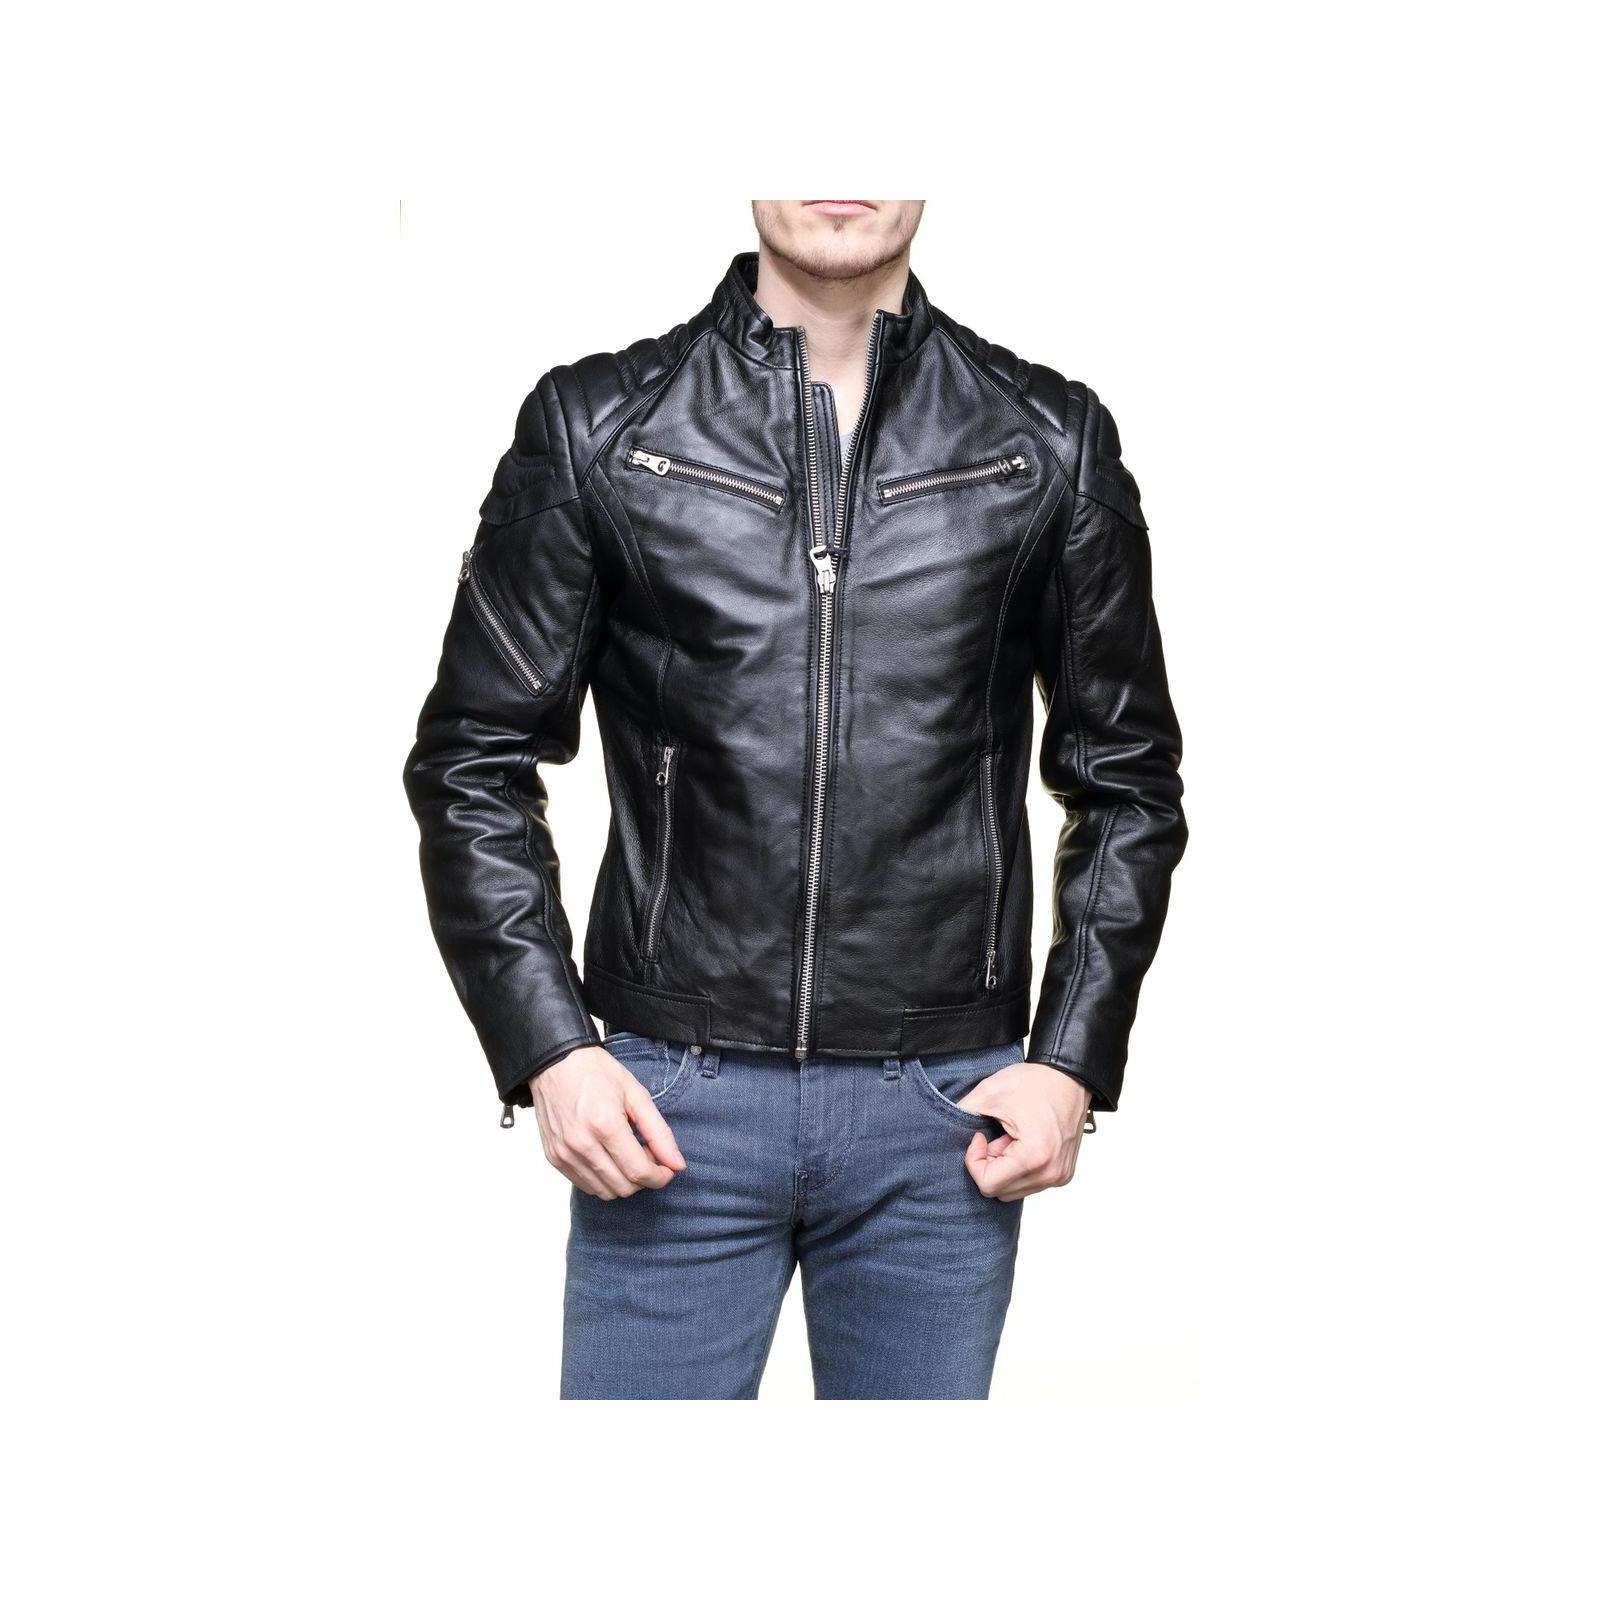 Veste cuir homme de marque pas chère - Habiz f75d4bb343f